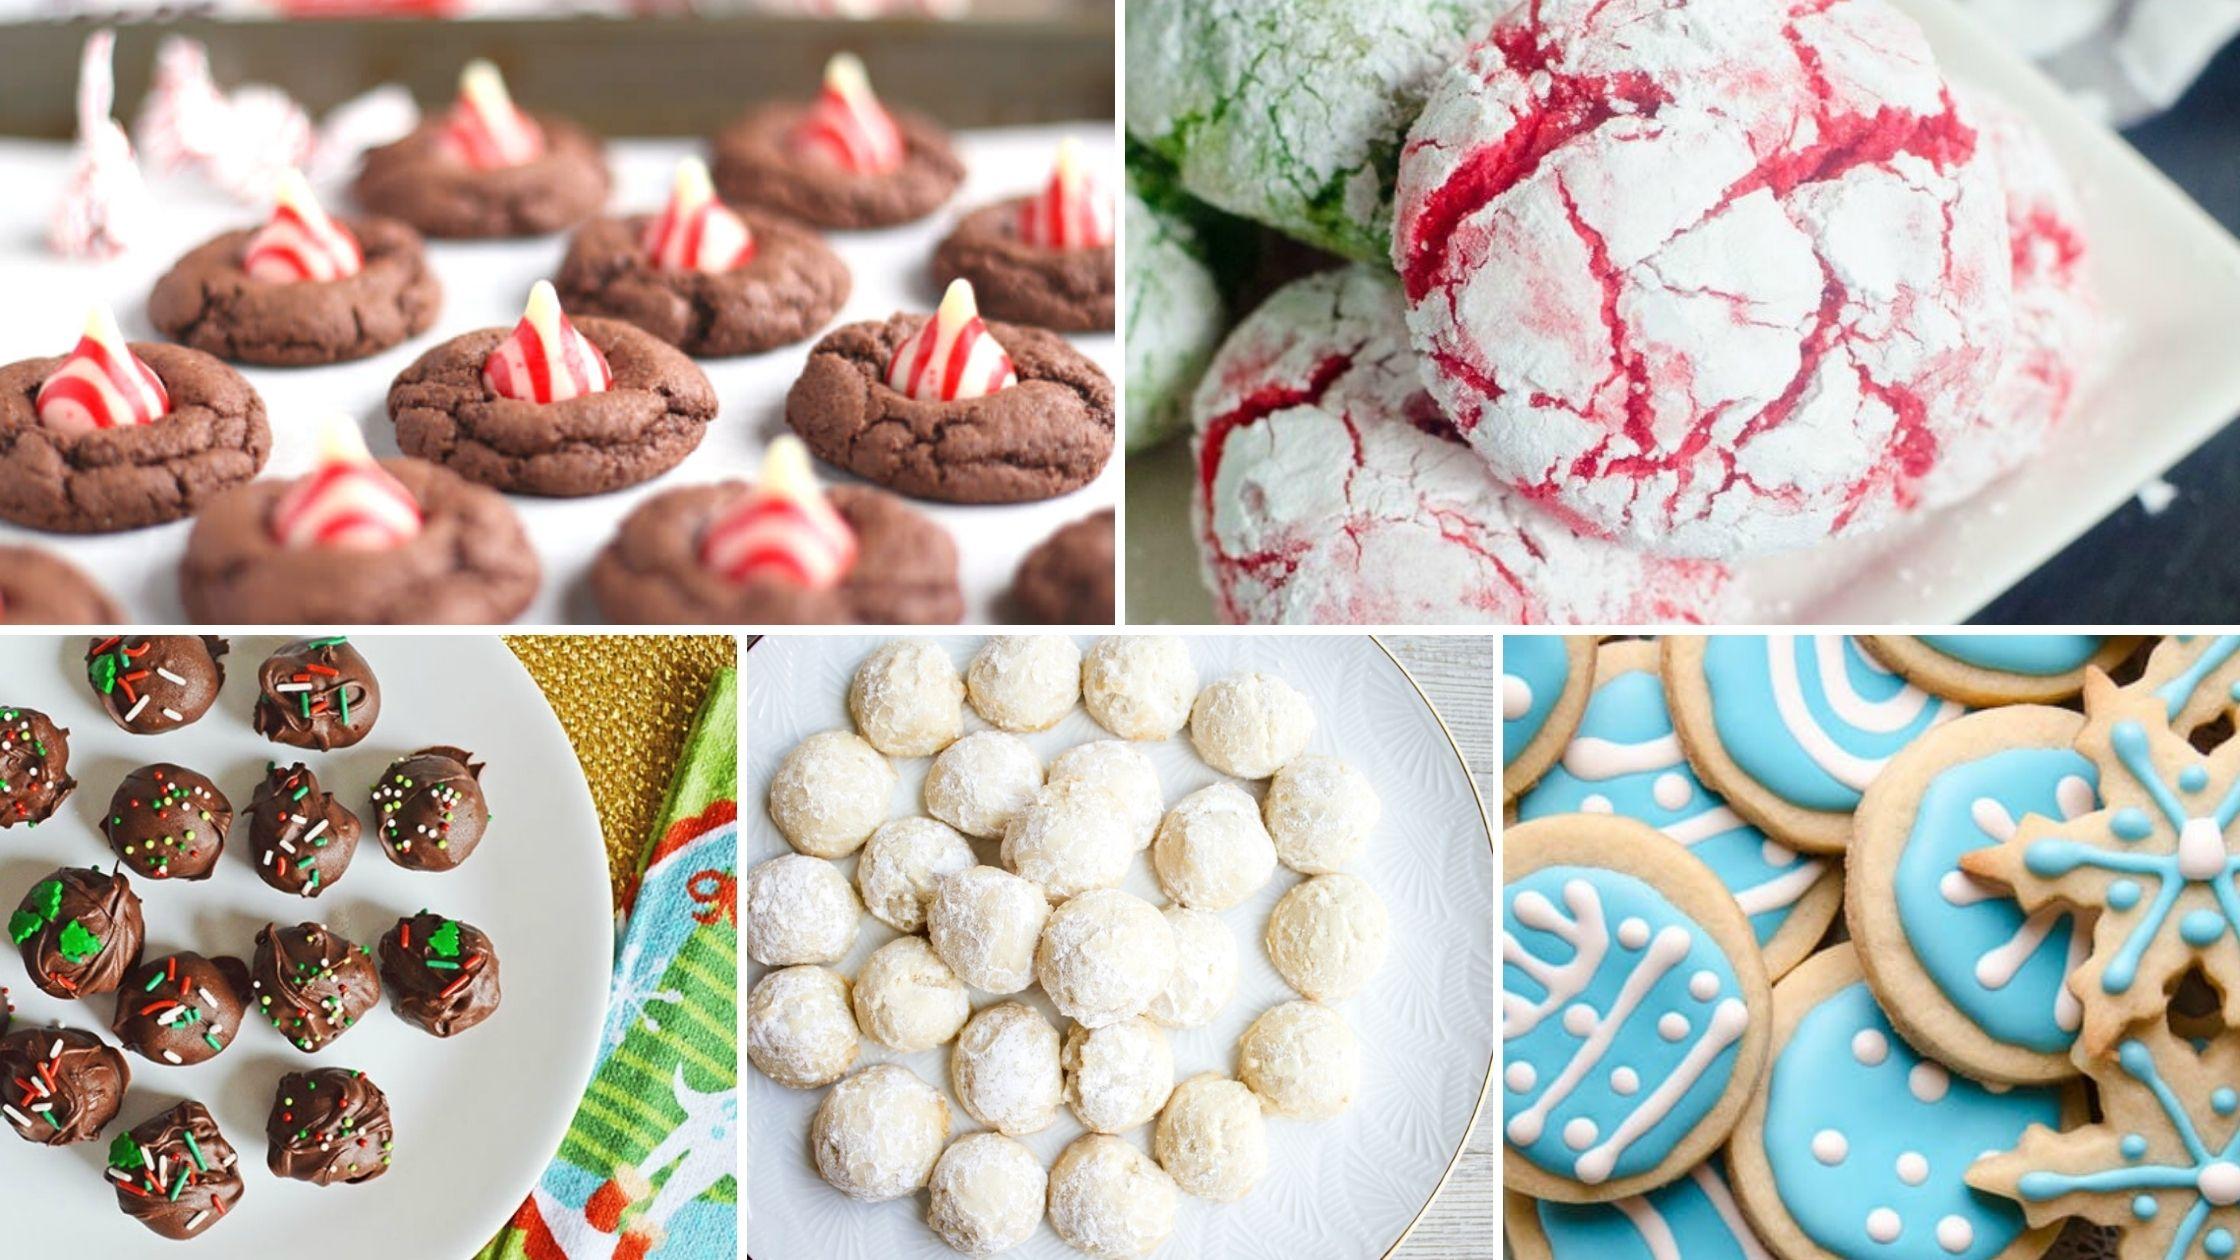 Few ingredient Christmas cookies